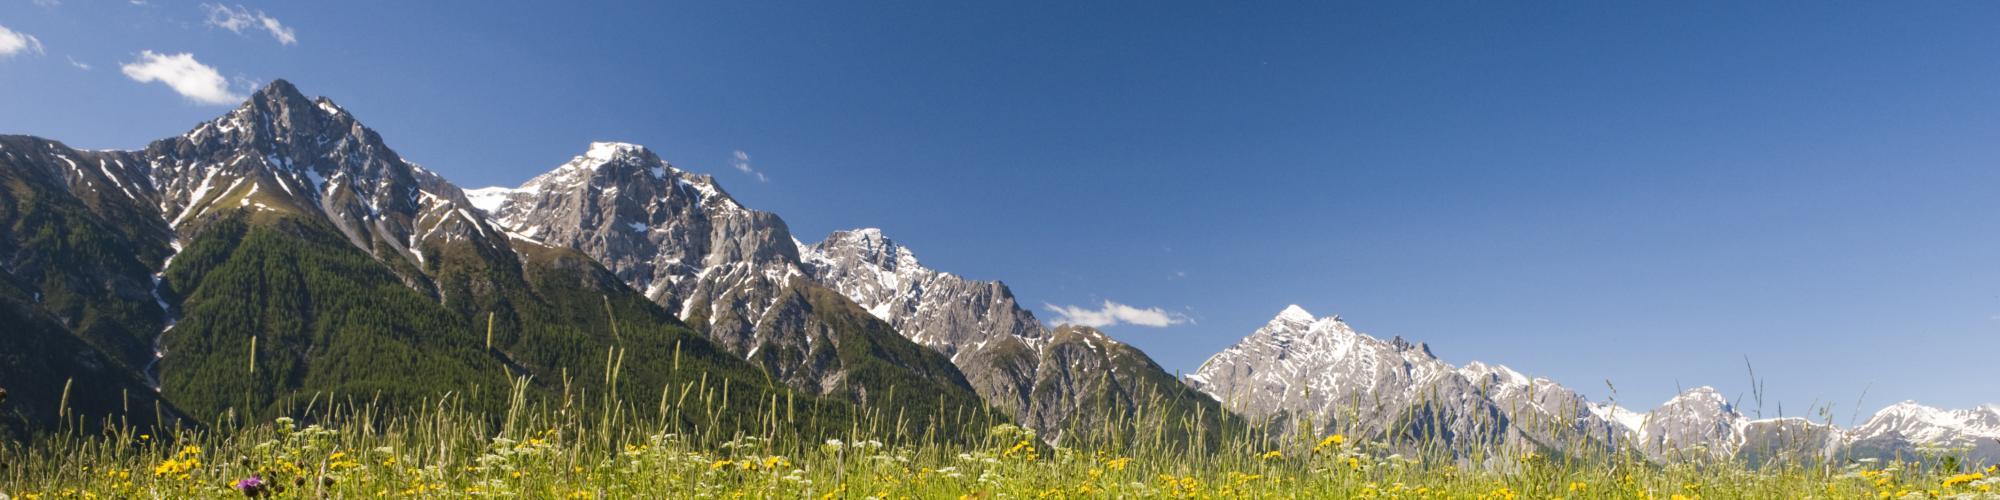 WWF Glarus, Graubünden und Schwyz